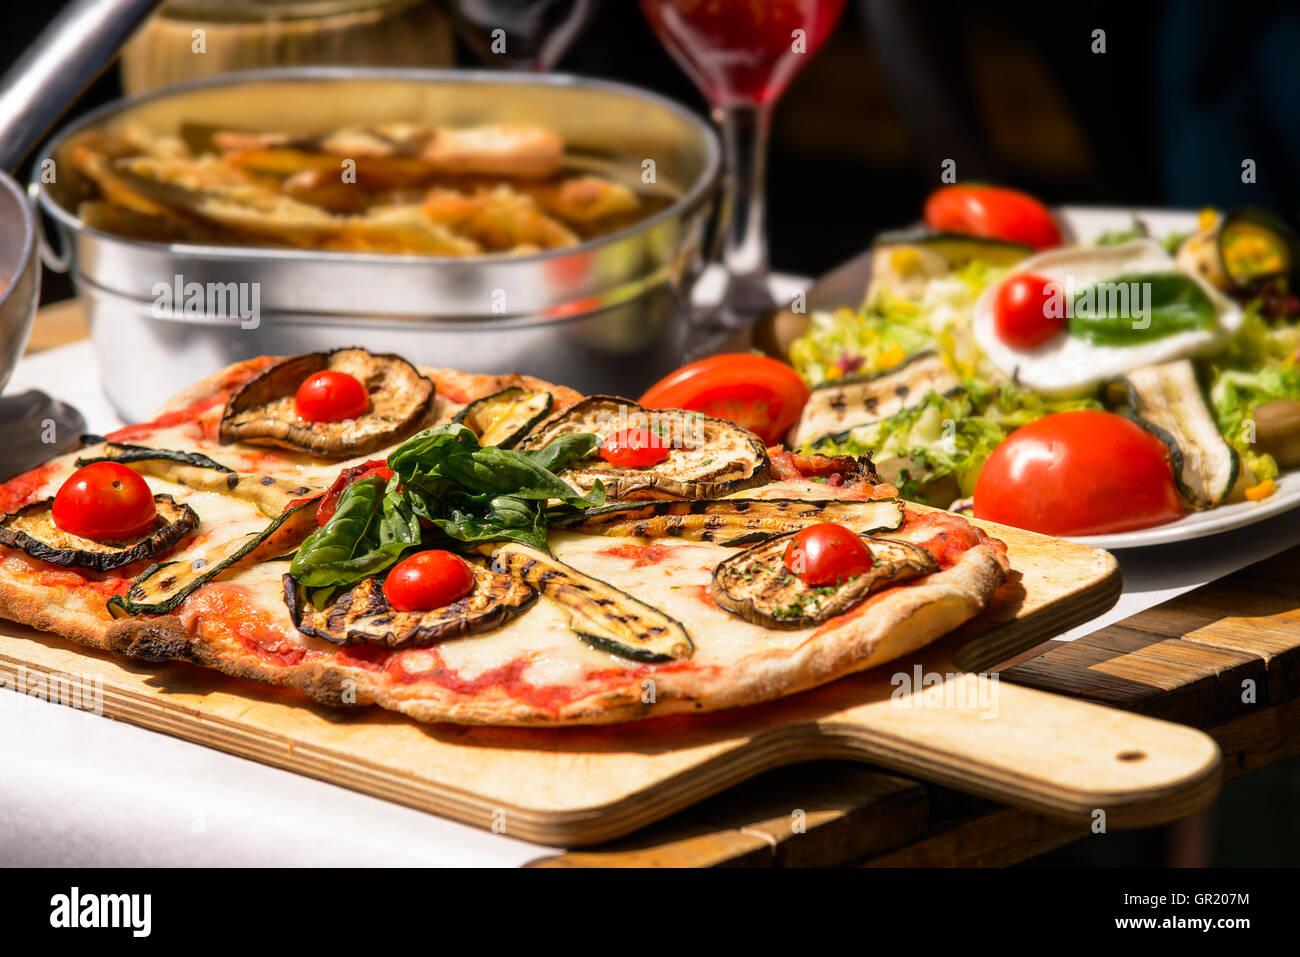 Restaurant de pâtes à Rome Italie Ville Europe du sud. Nouilles aux œufs, une cuisine maison.savoureux Photo Stock